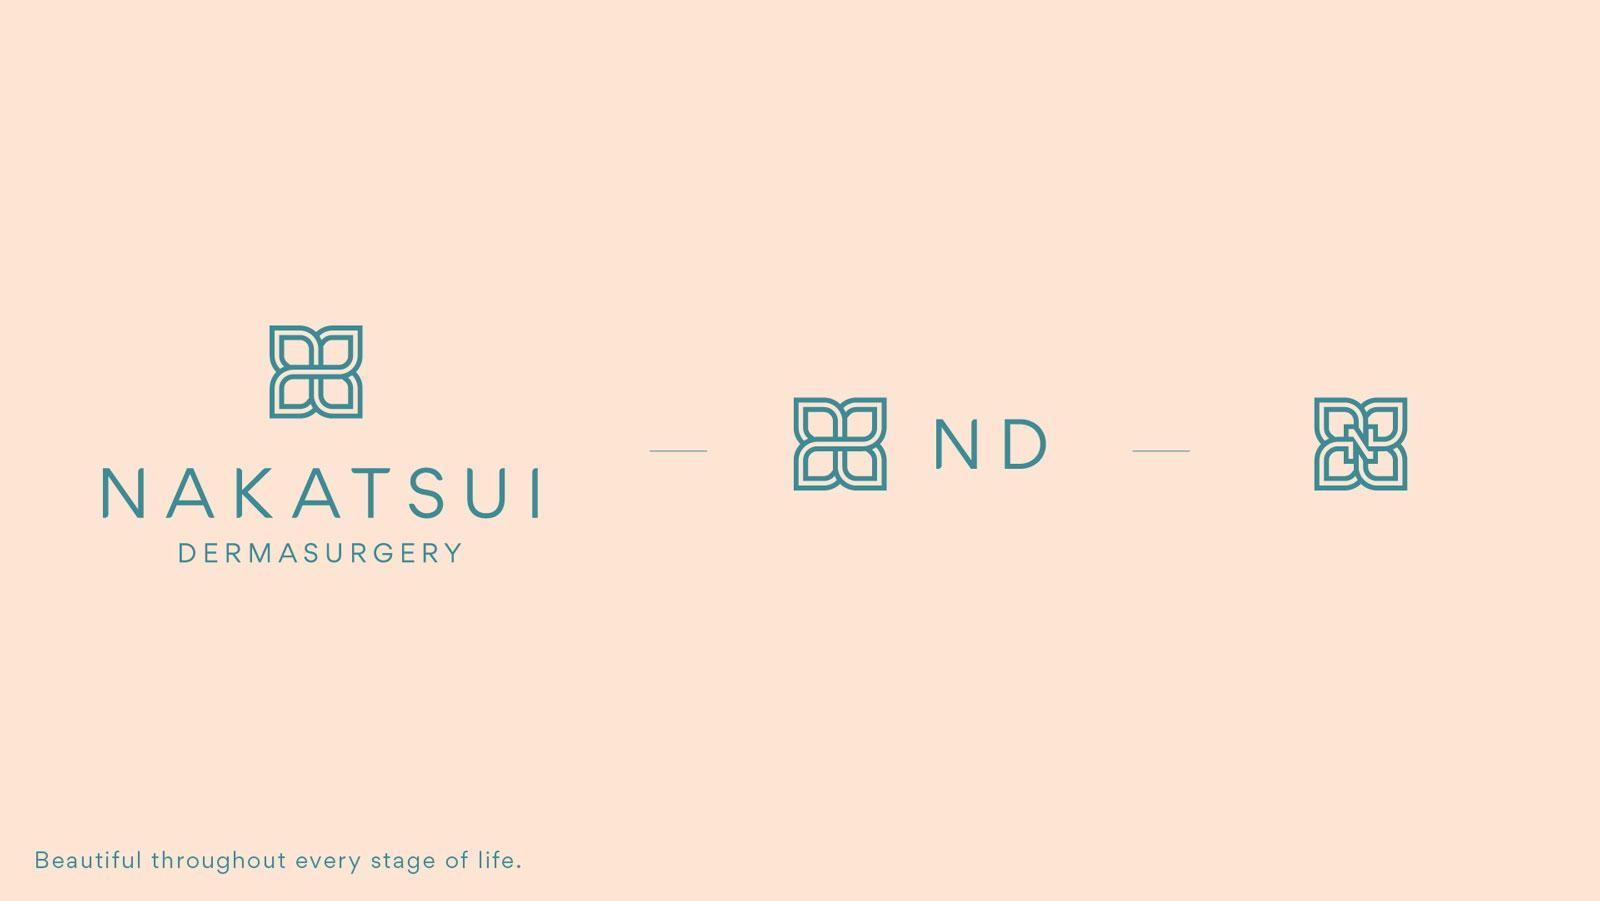 nakatsui_logo_variations.jpg